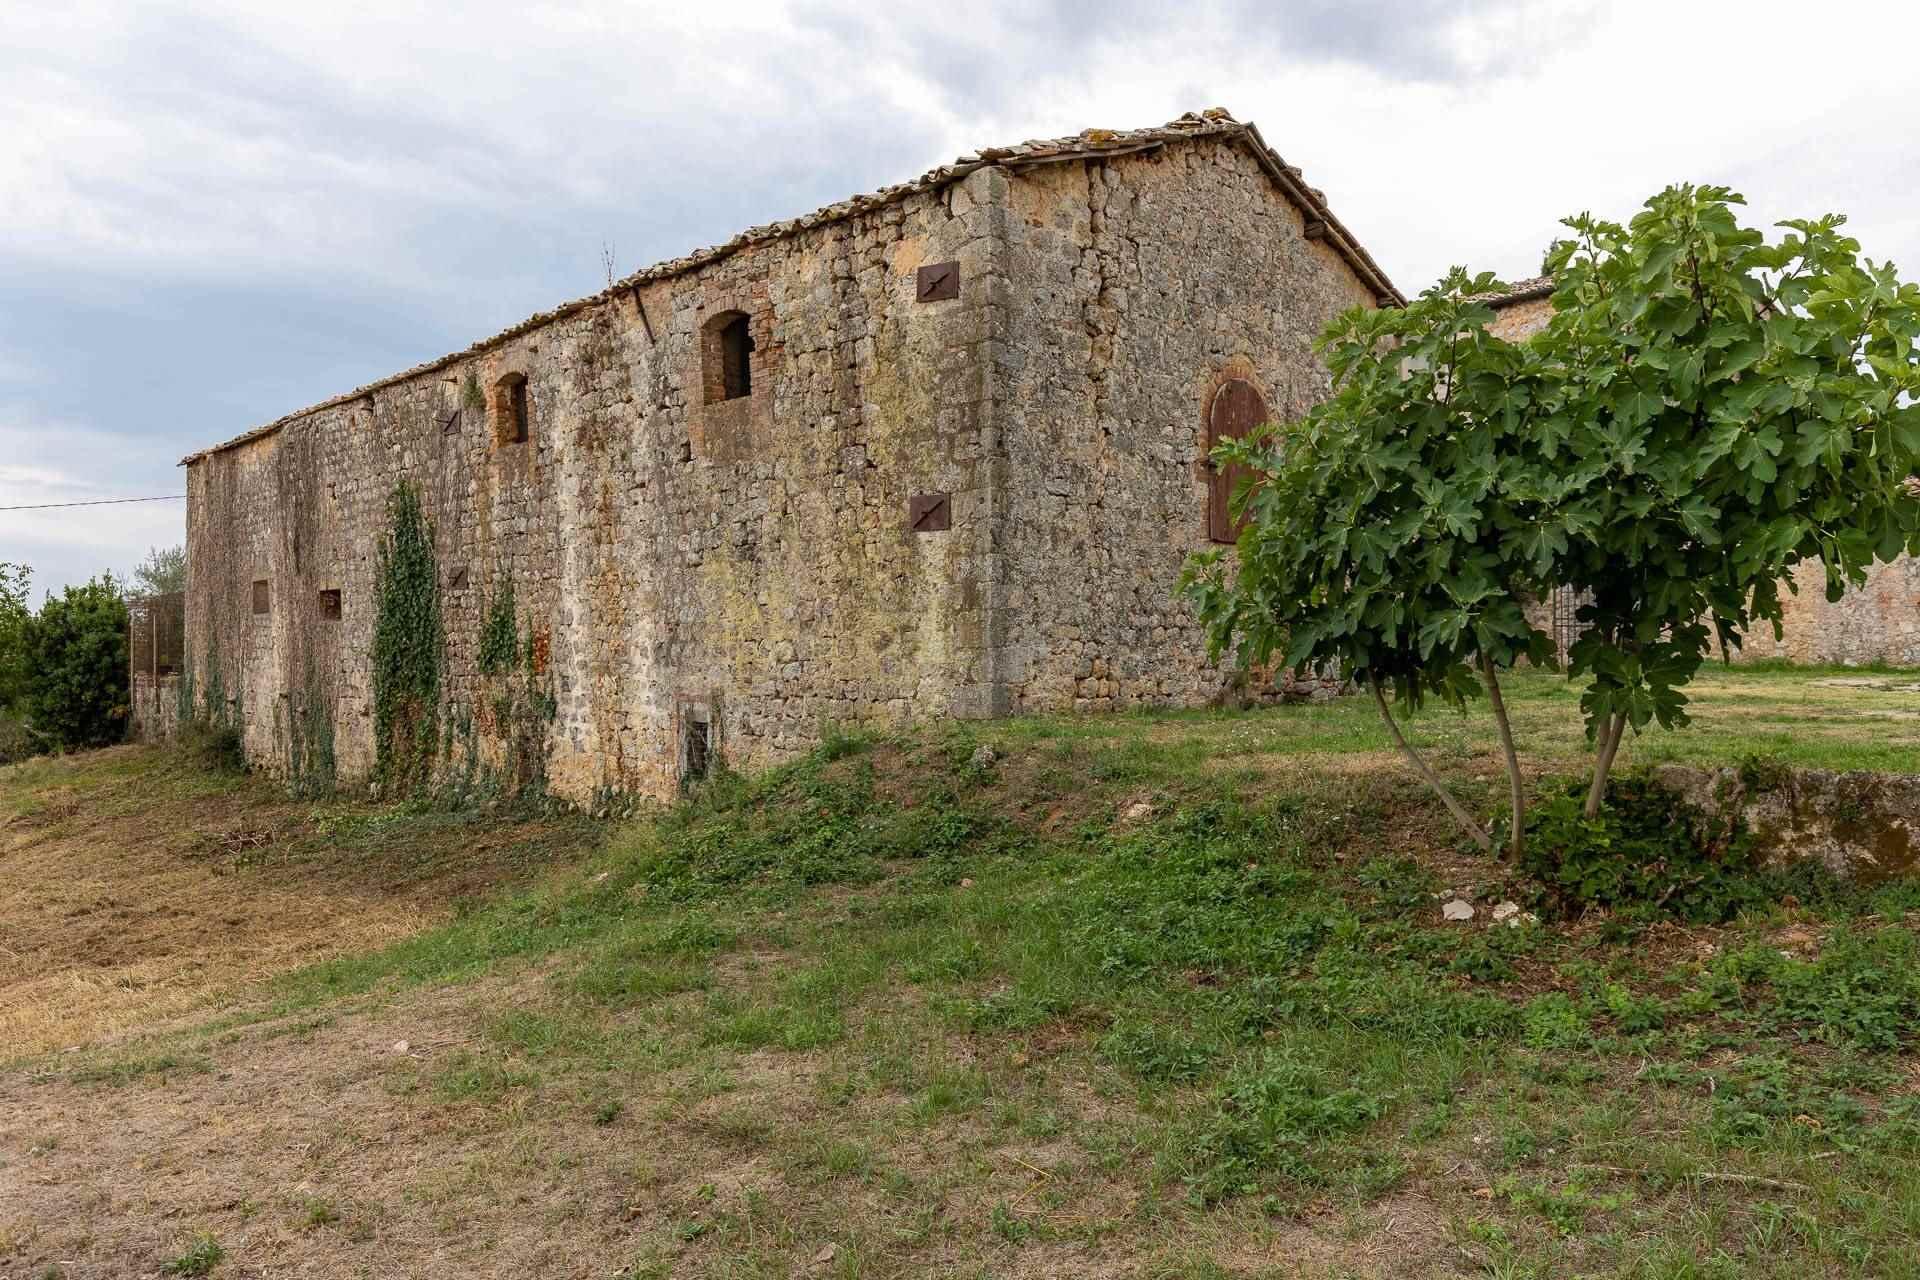 Il sogno di molti, una capanna indipendente con corte e giardino a soli 5 km da Siena in posizione meravigliosa, all'interno di un borgo un tempo antico monastero, a soli due passi dal Castello de La